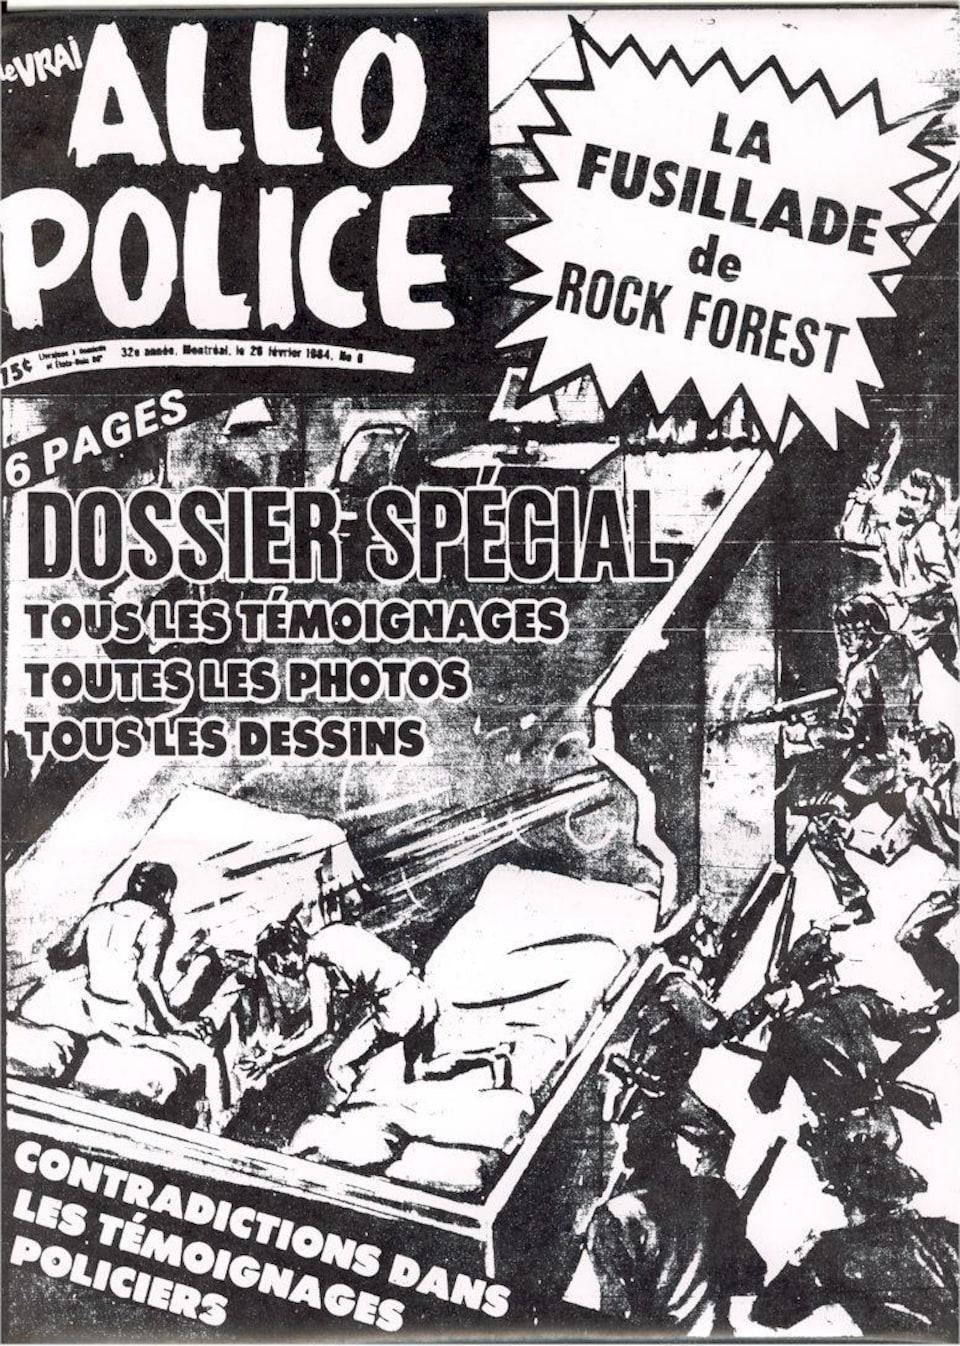 La une d'un hebdomadaire publié lors de l'enquête du coroner en février 1984.